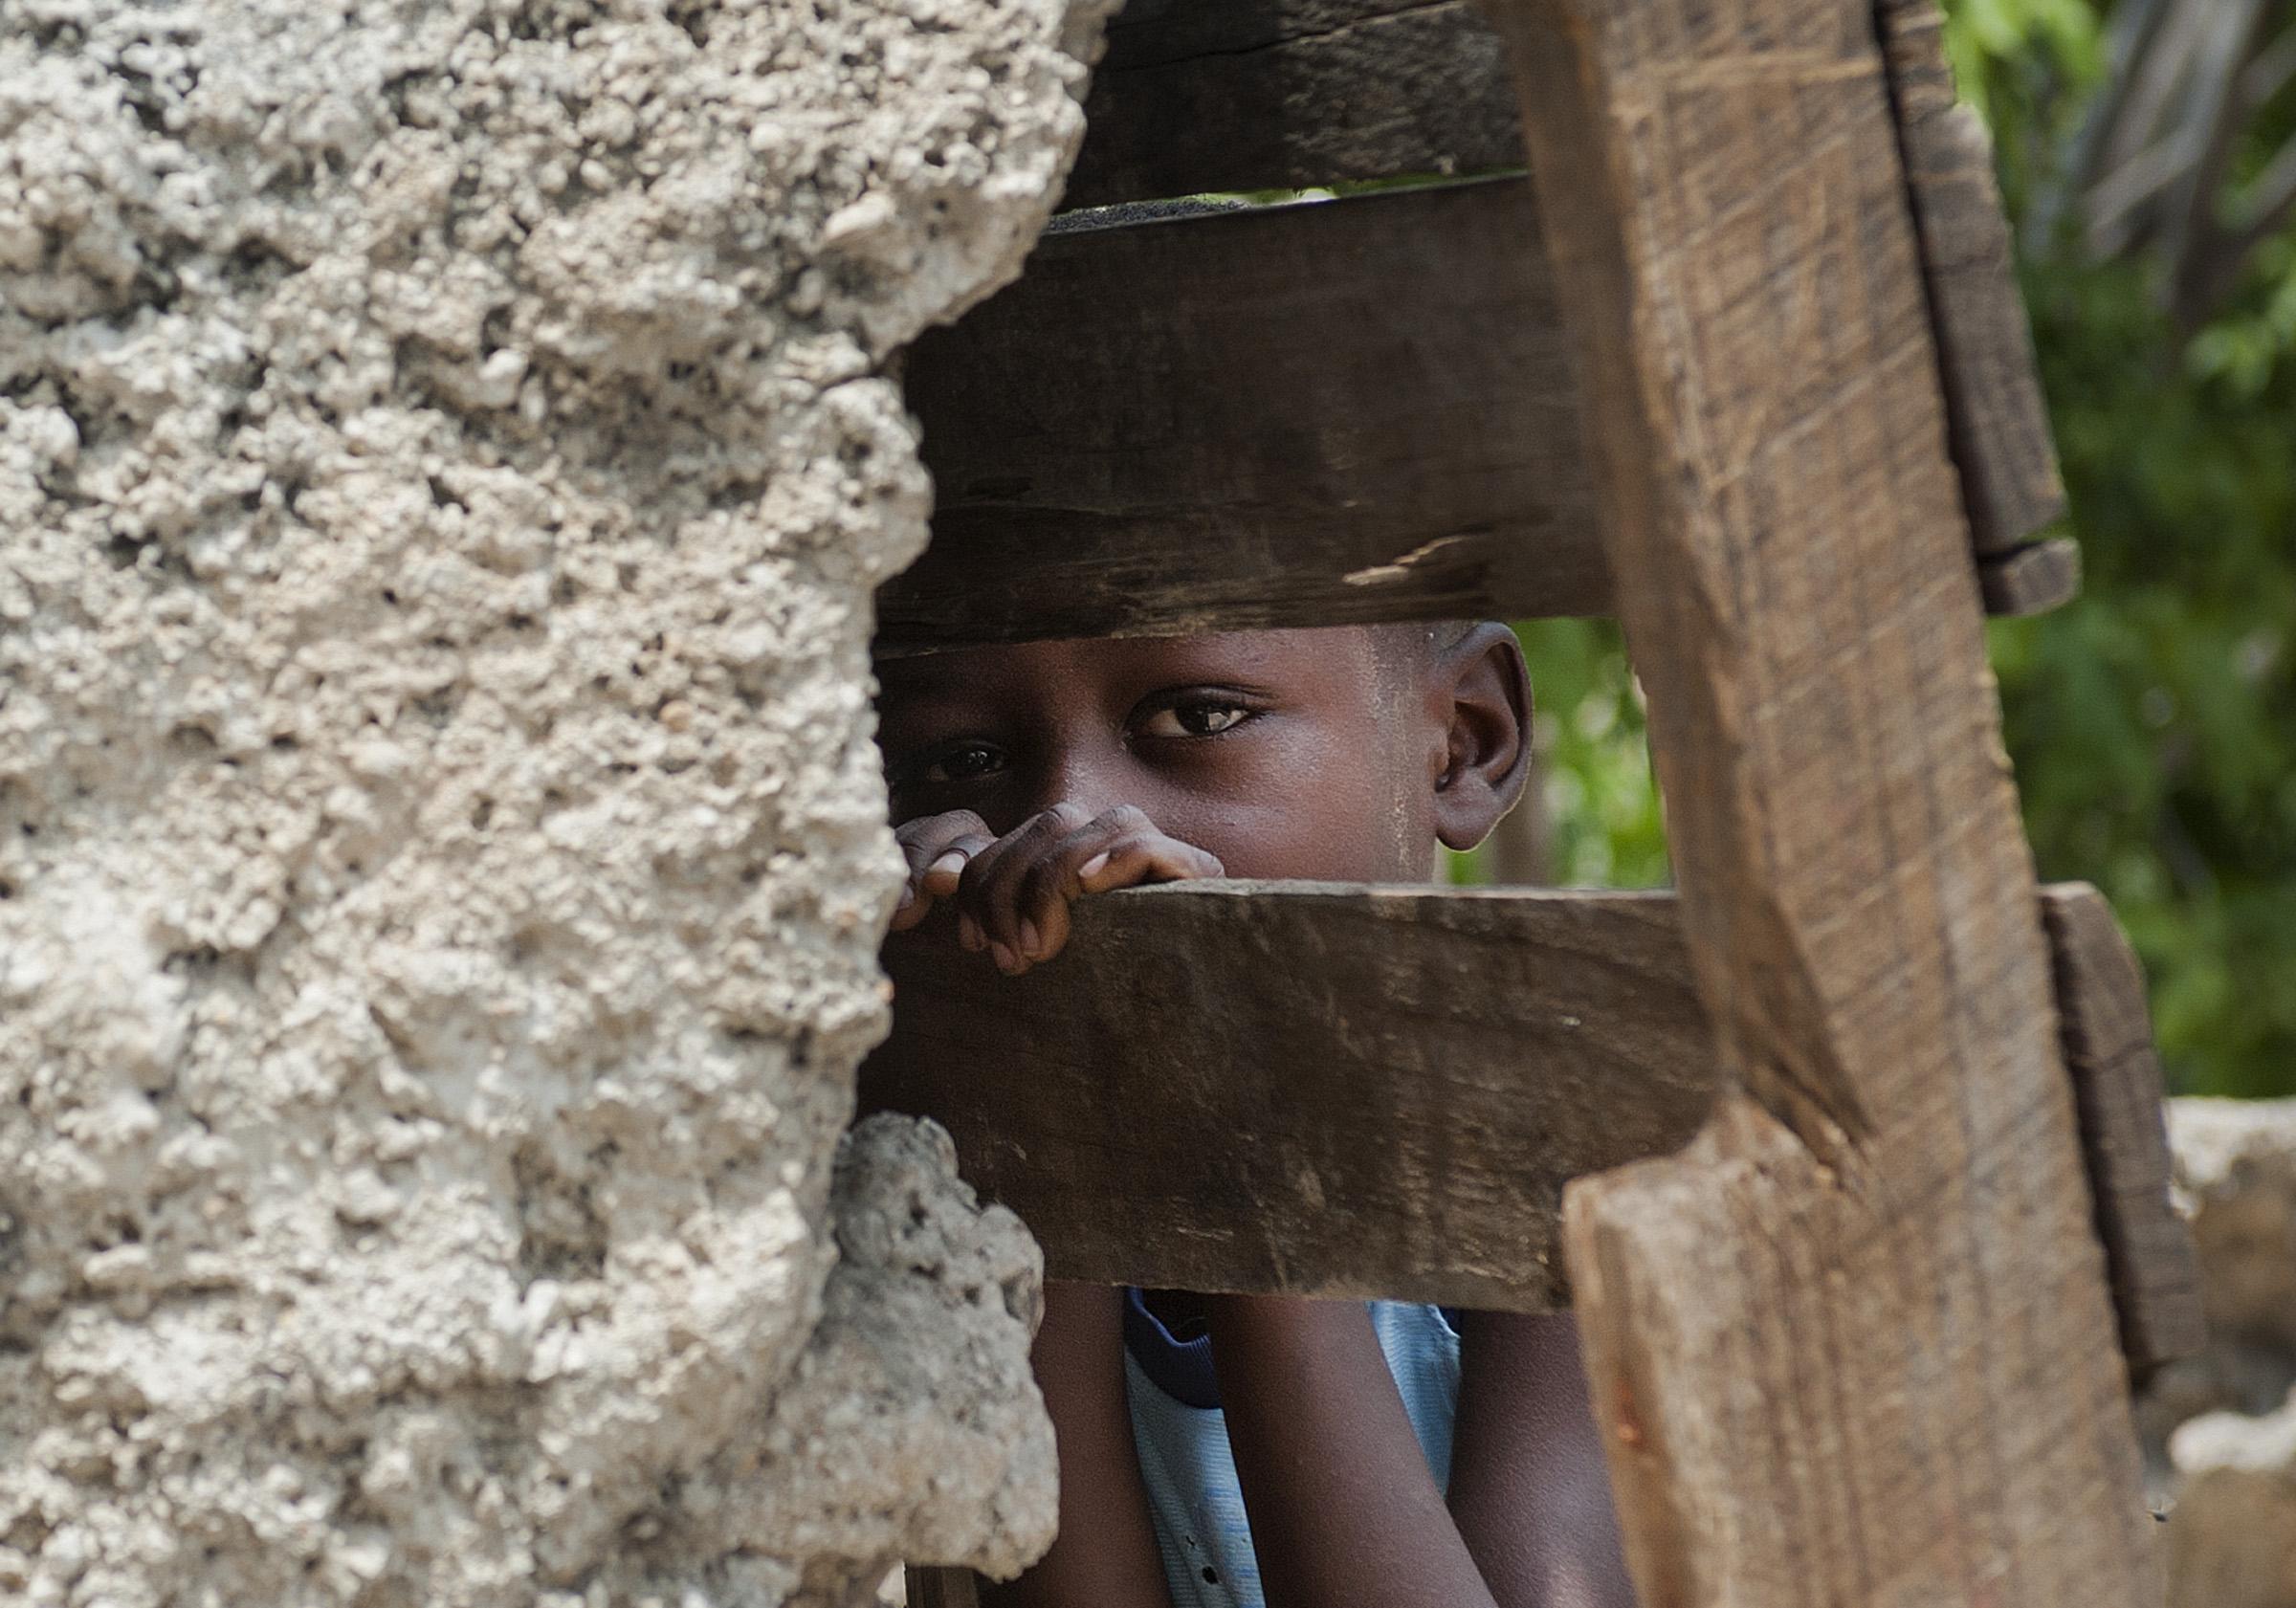 Haiti_LR_300 copy.jpg